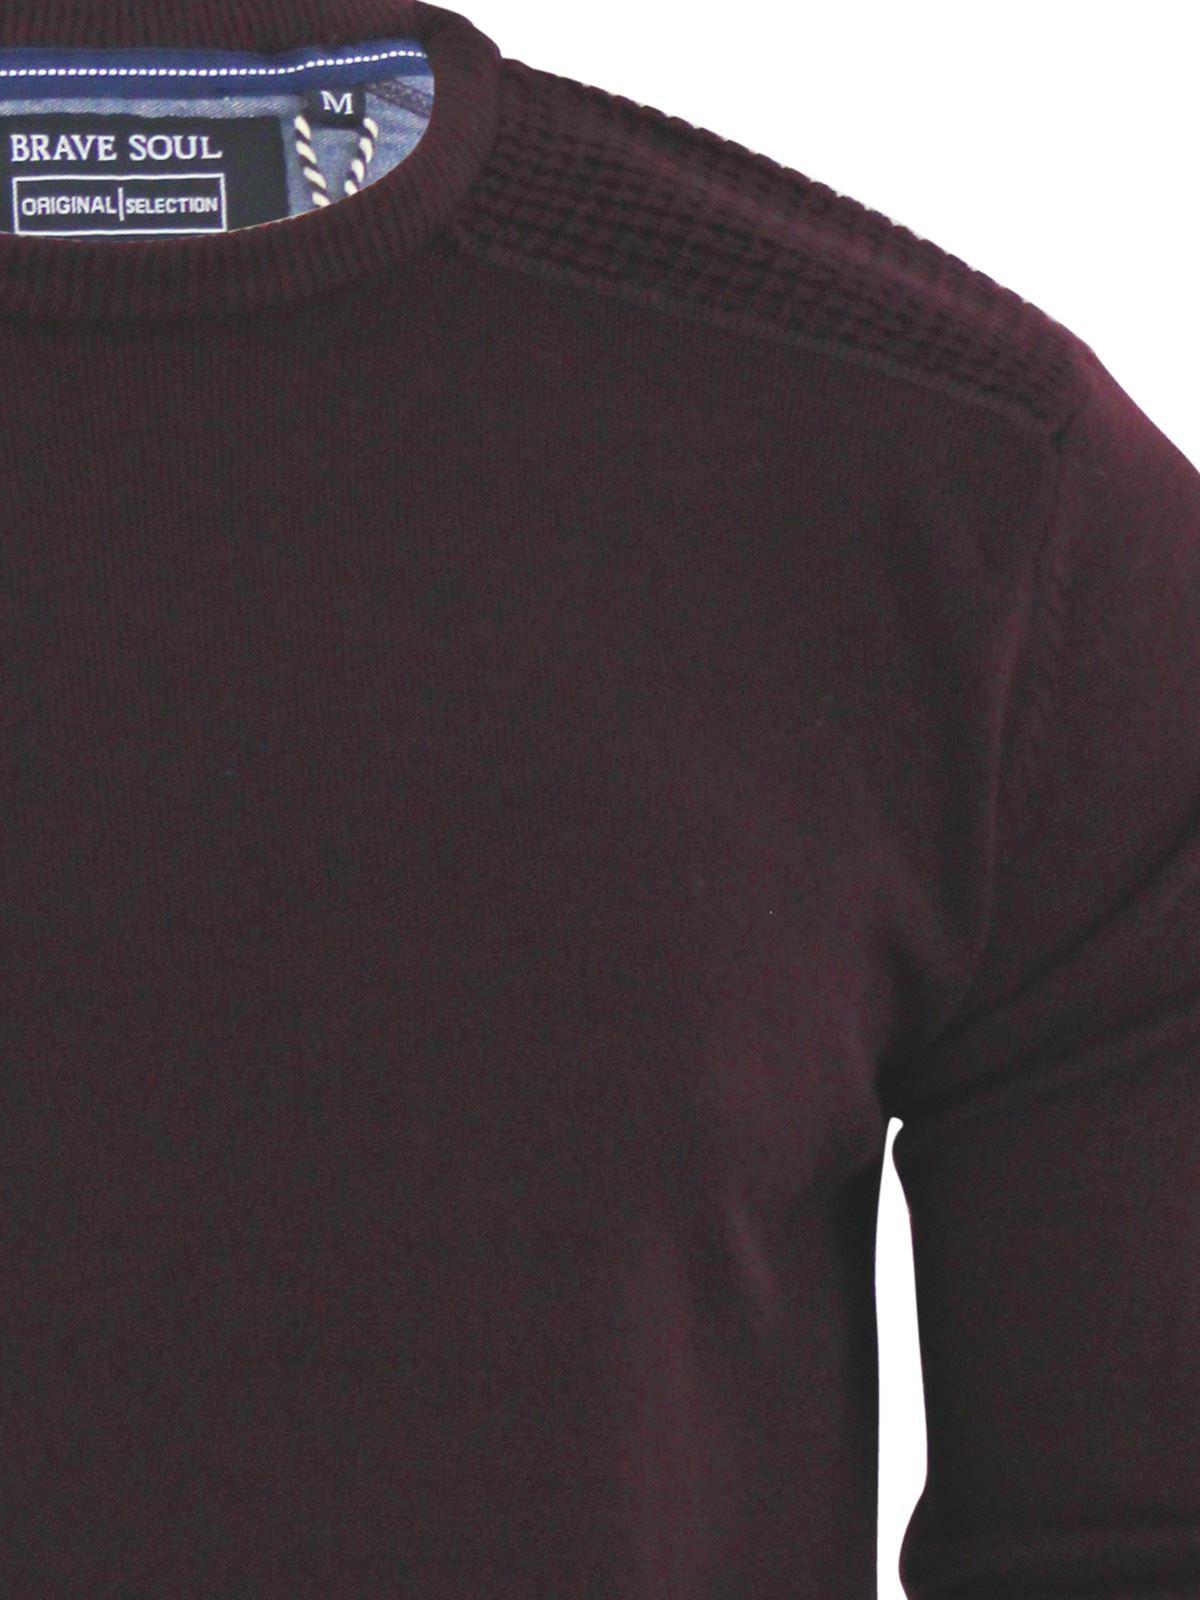 Brave-Soul-Luna-Mens-Jumper-Crew-Neck-Sweater-With-Shoulder-Detailing miniature 10